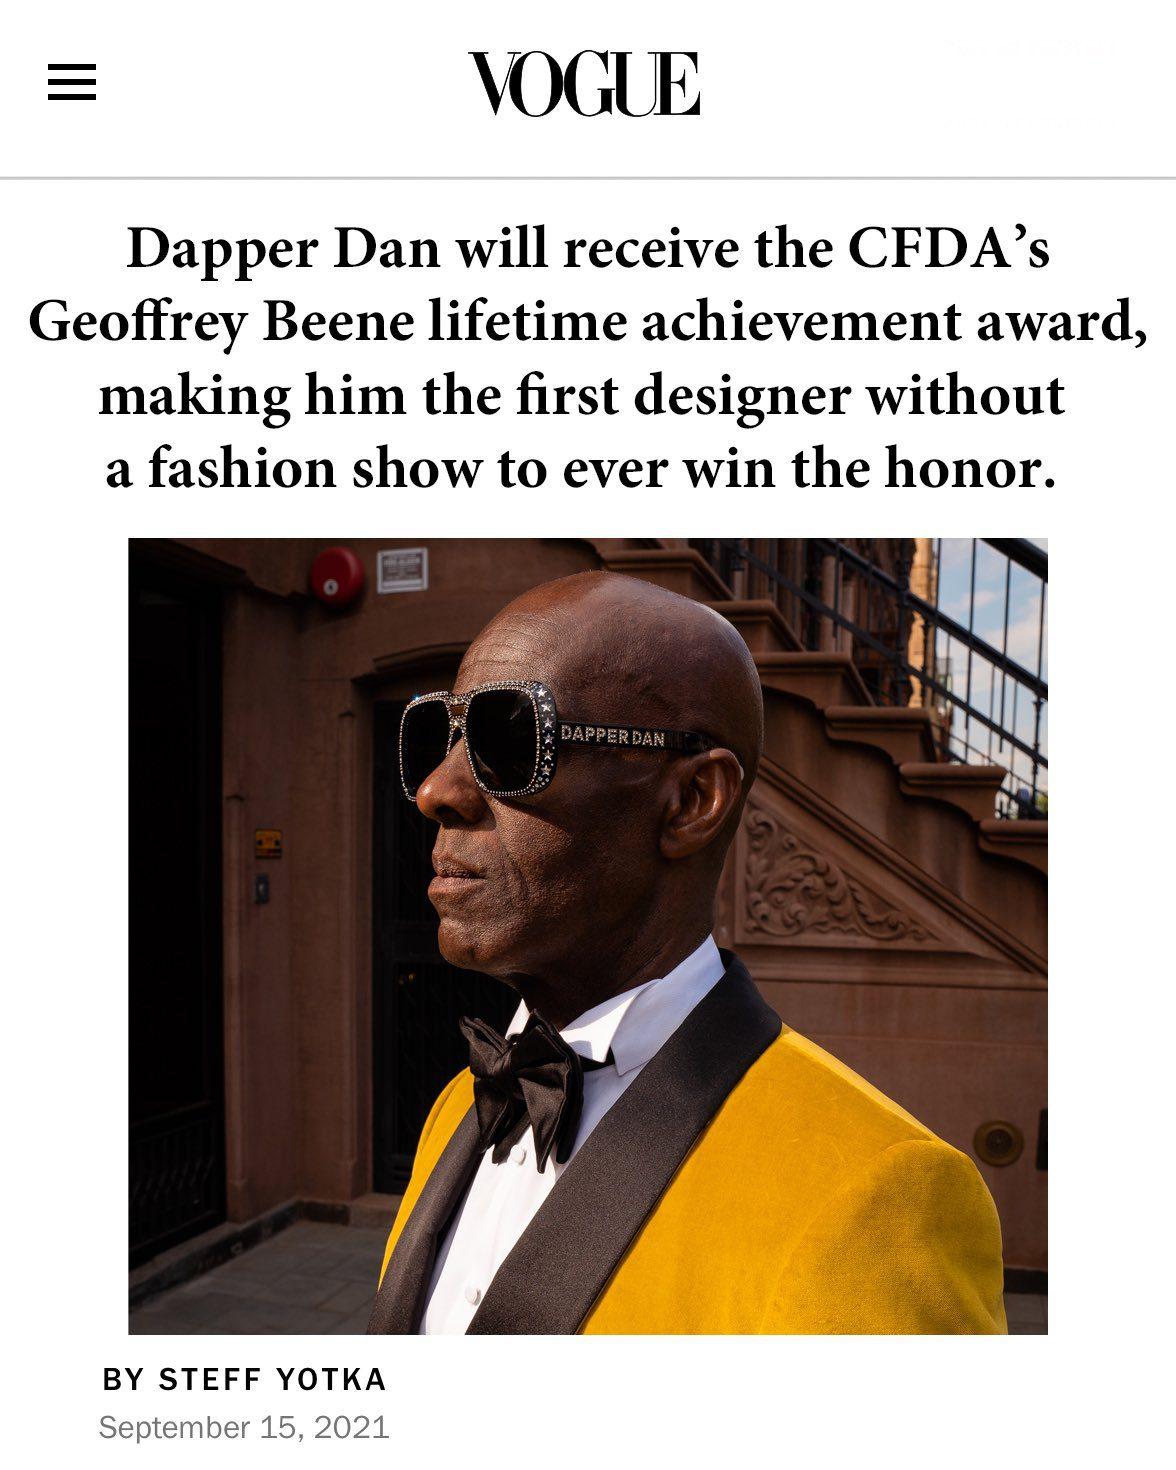 Дизайнер поддельных товаров Даппер Дэн удостоен награды журнала VOGUE за заслуги перед журналом CFDA 2021 года